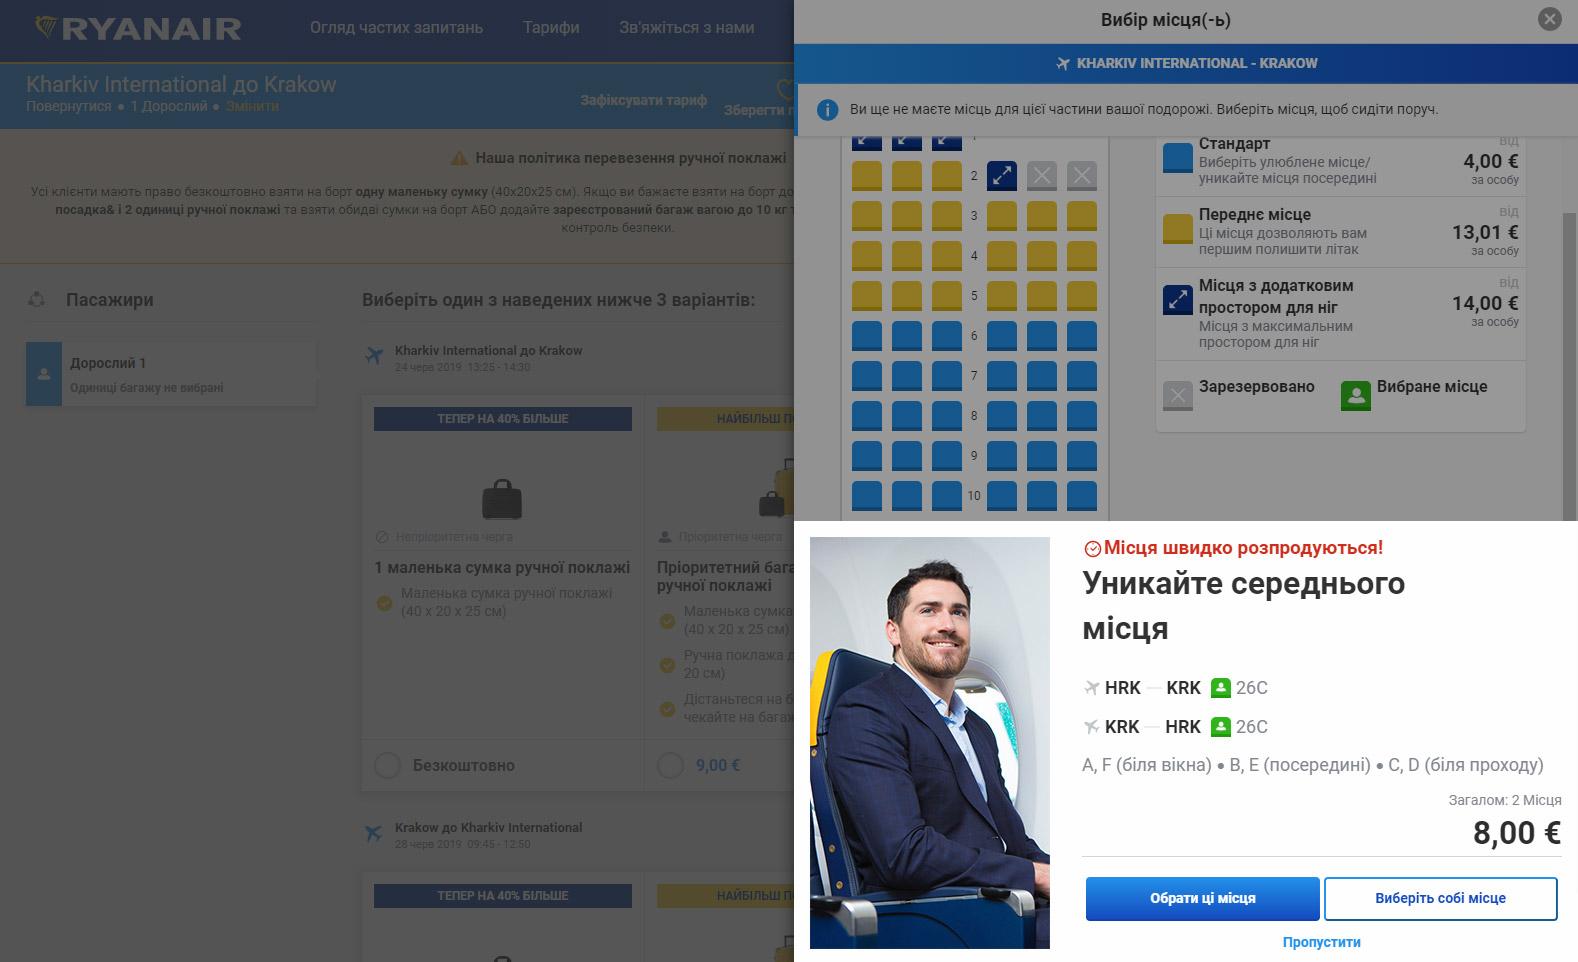 Страница заказа дополнительных услуг на сайте Ryanair на украинском языке